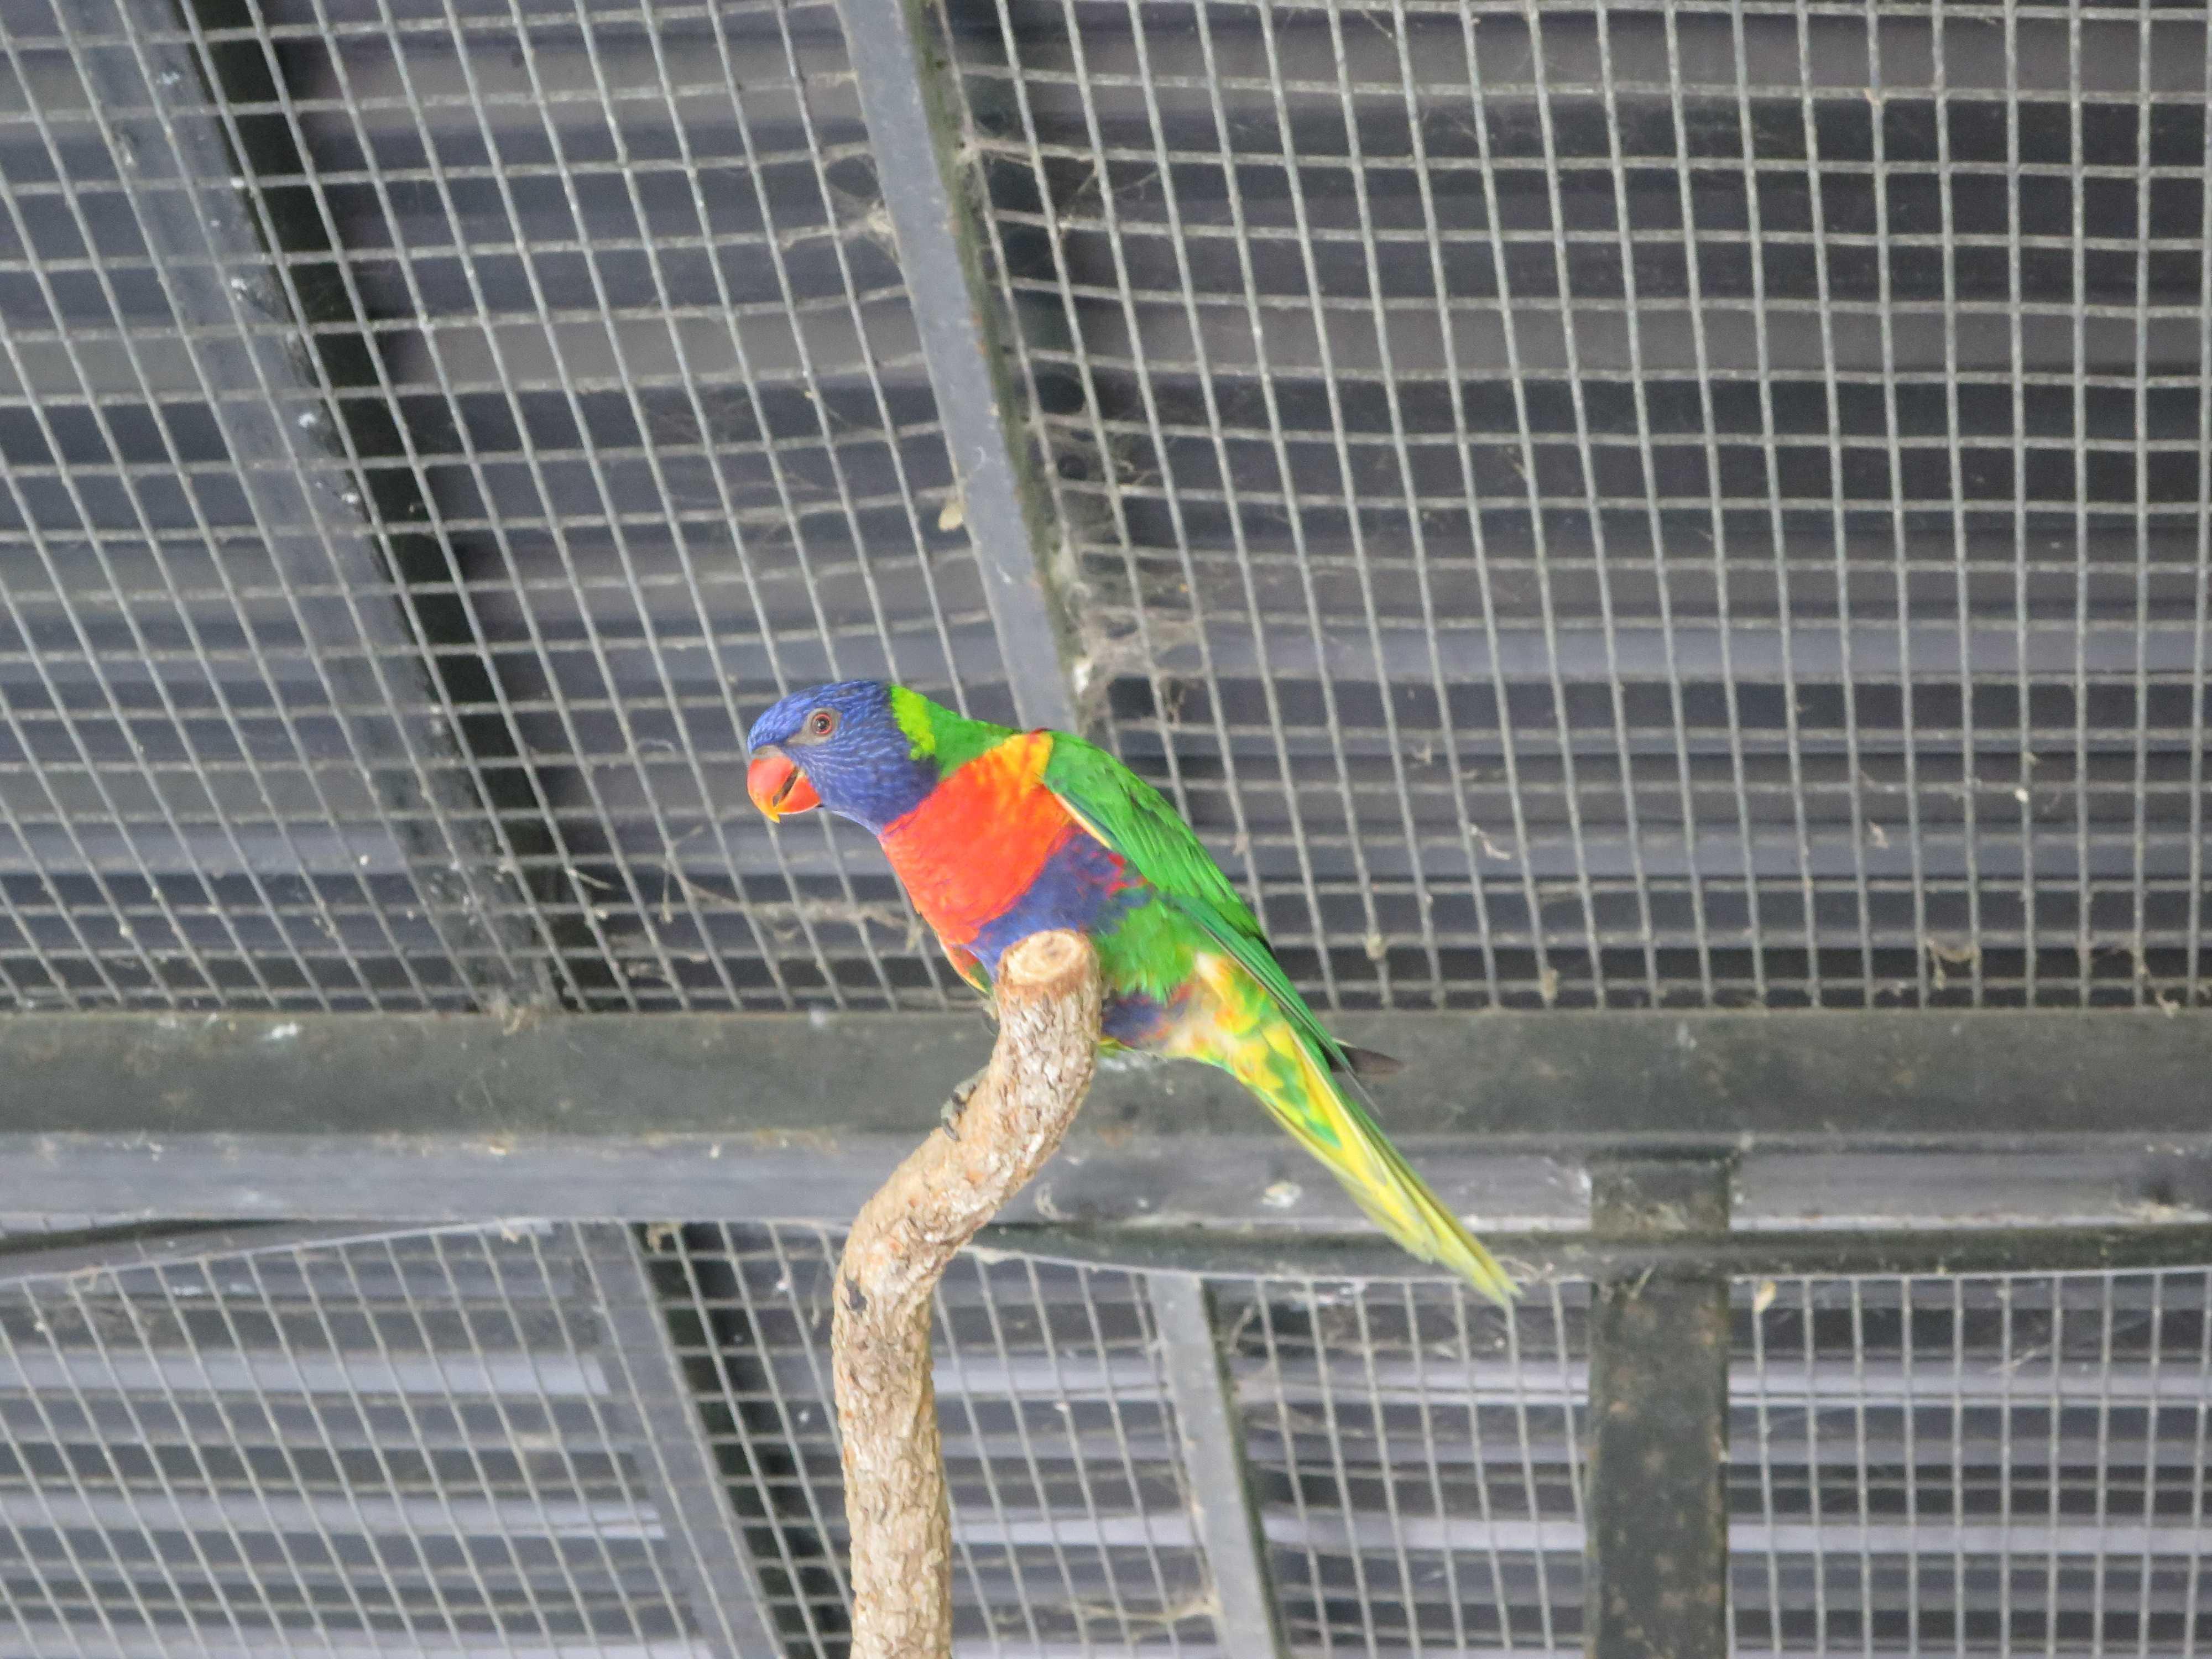 ケアンズトロピカルズー - 極彩色な鳥